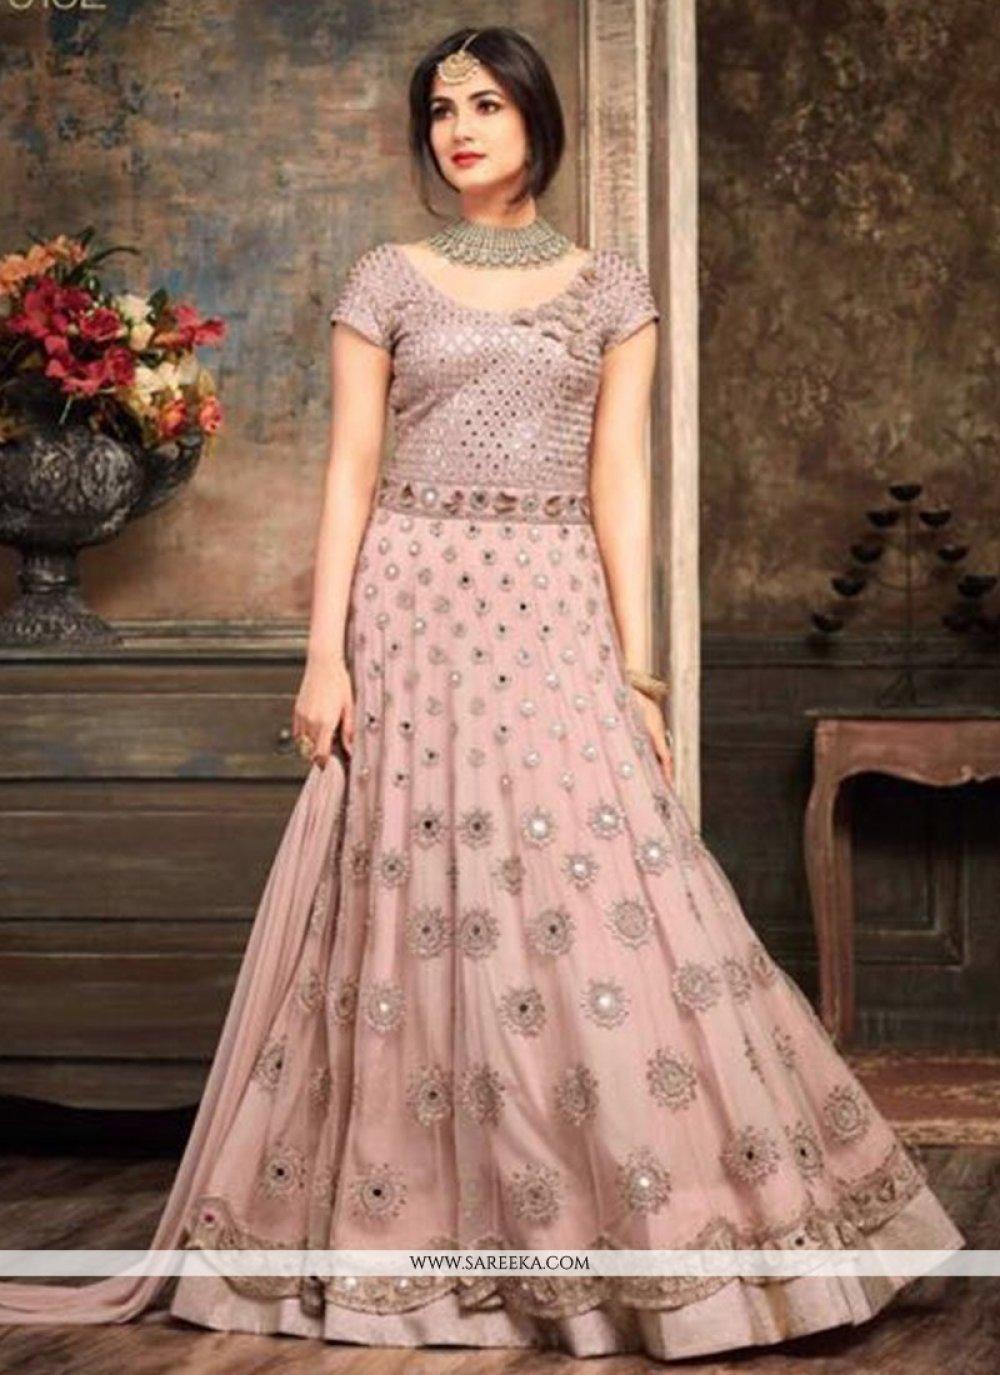 Resham Work Pink Net Floor Length Anarkali Suit